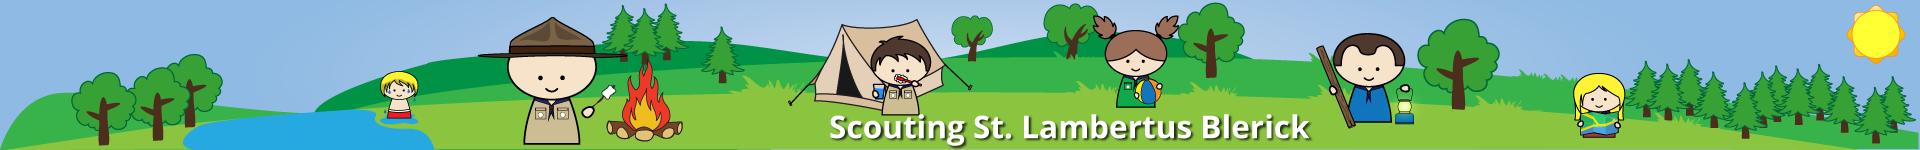 Scouting St. Lambertus Blerick